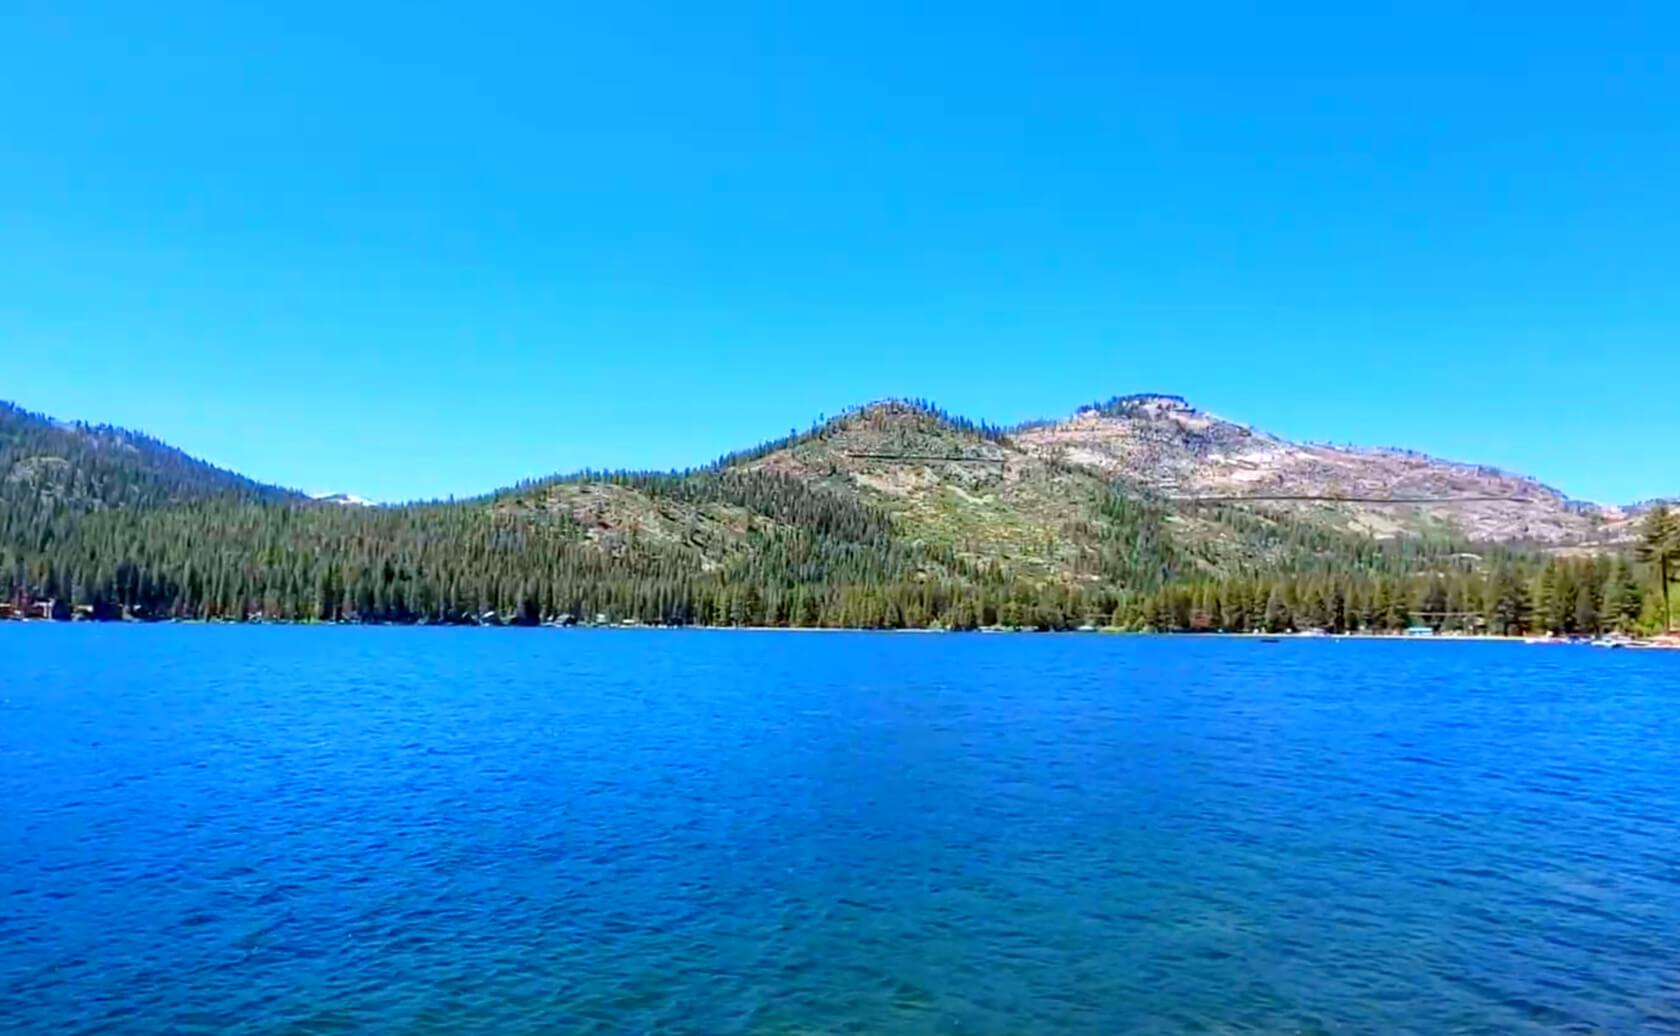 Donner-Lake-Fishing-Guide-Report-California-05